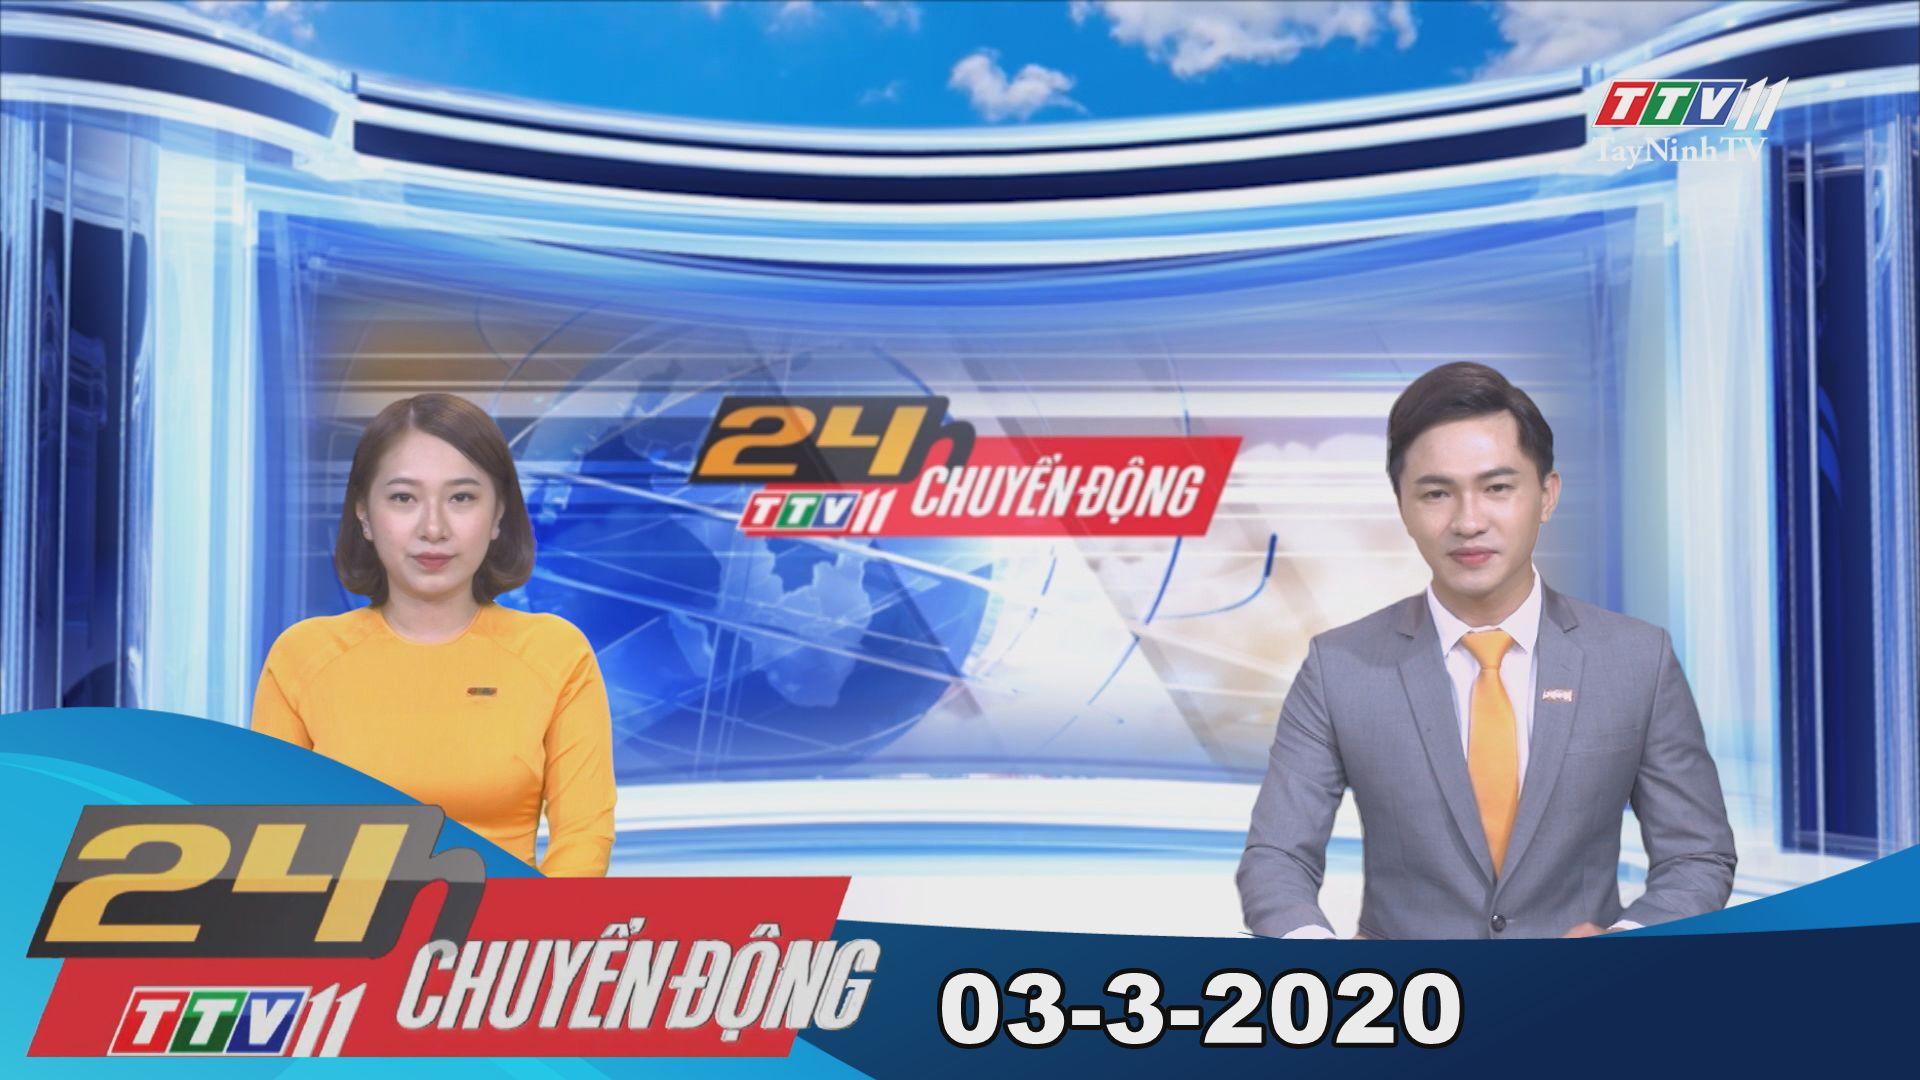 24h Chuyển động 03-3-2020   Tin tức hôm nay   TayNinhTV